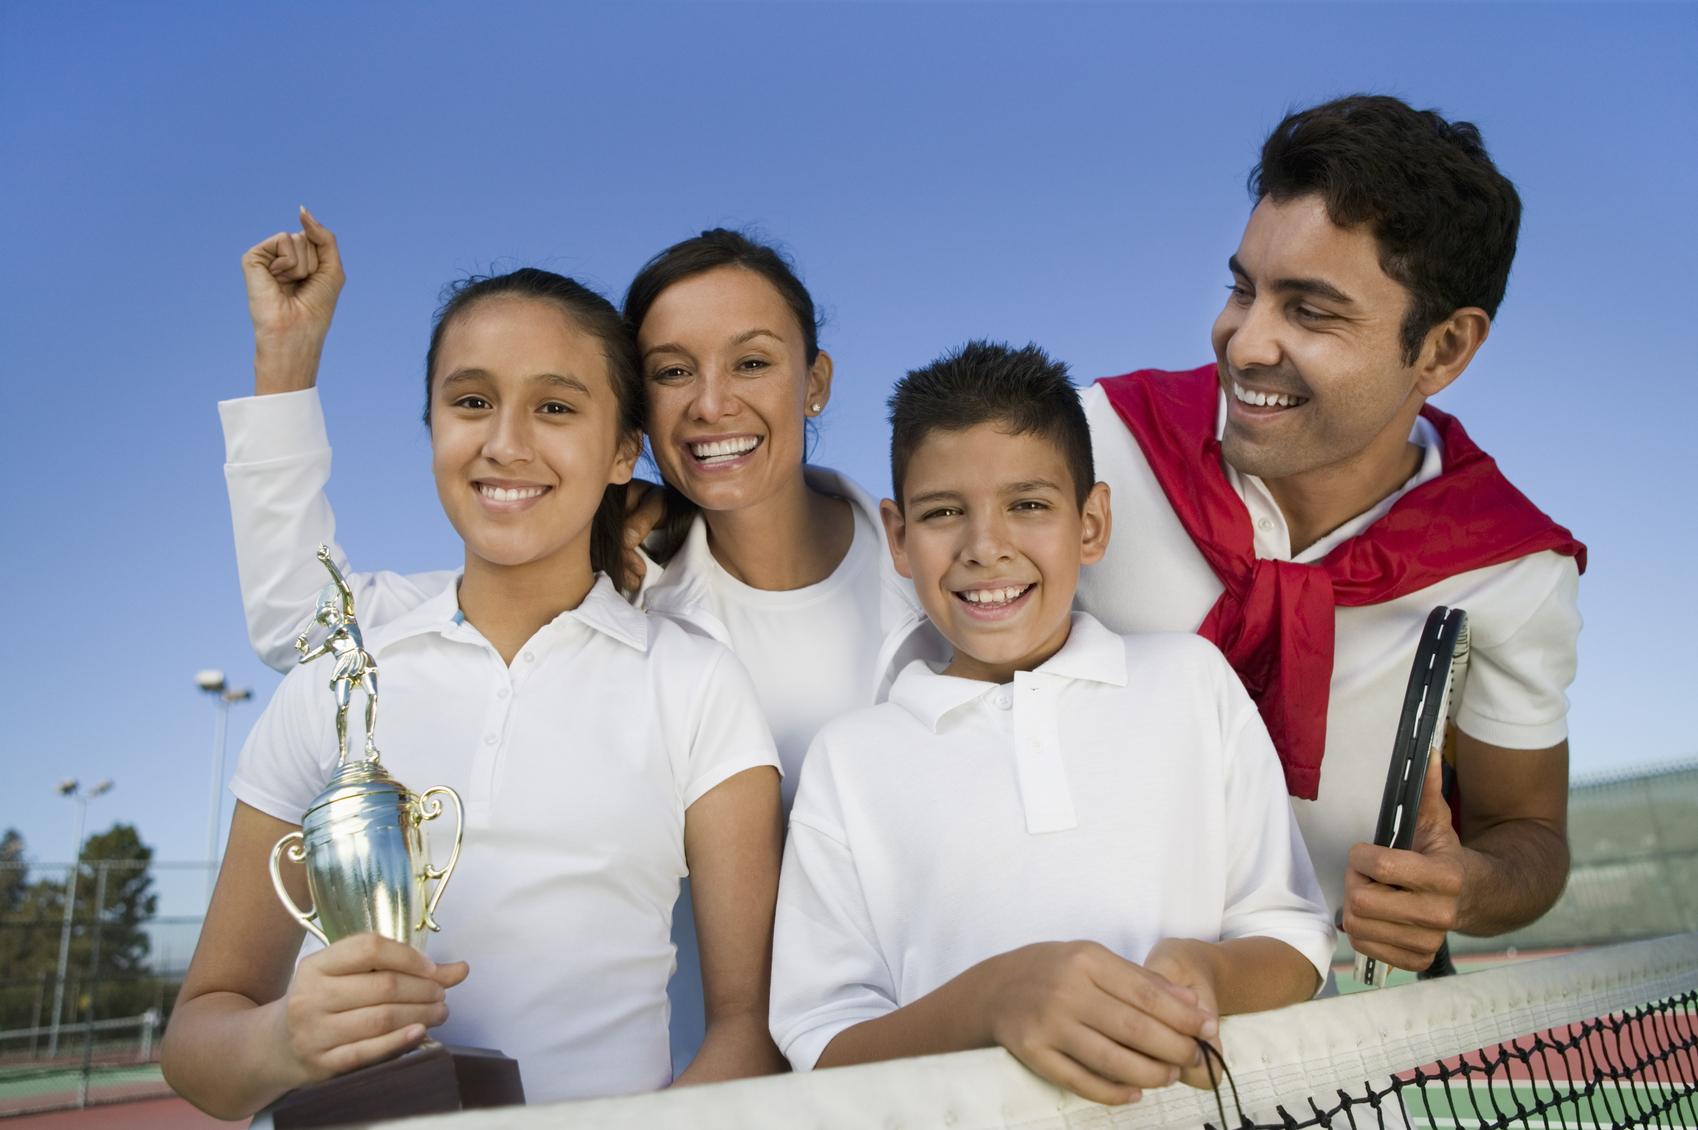 Puntos comunes en padres de hijos exitosos